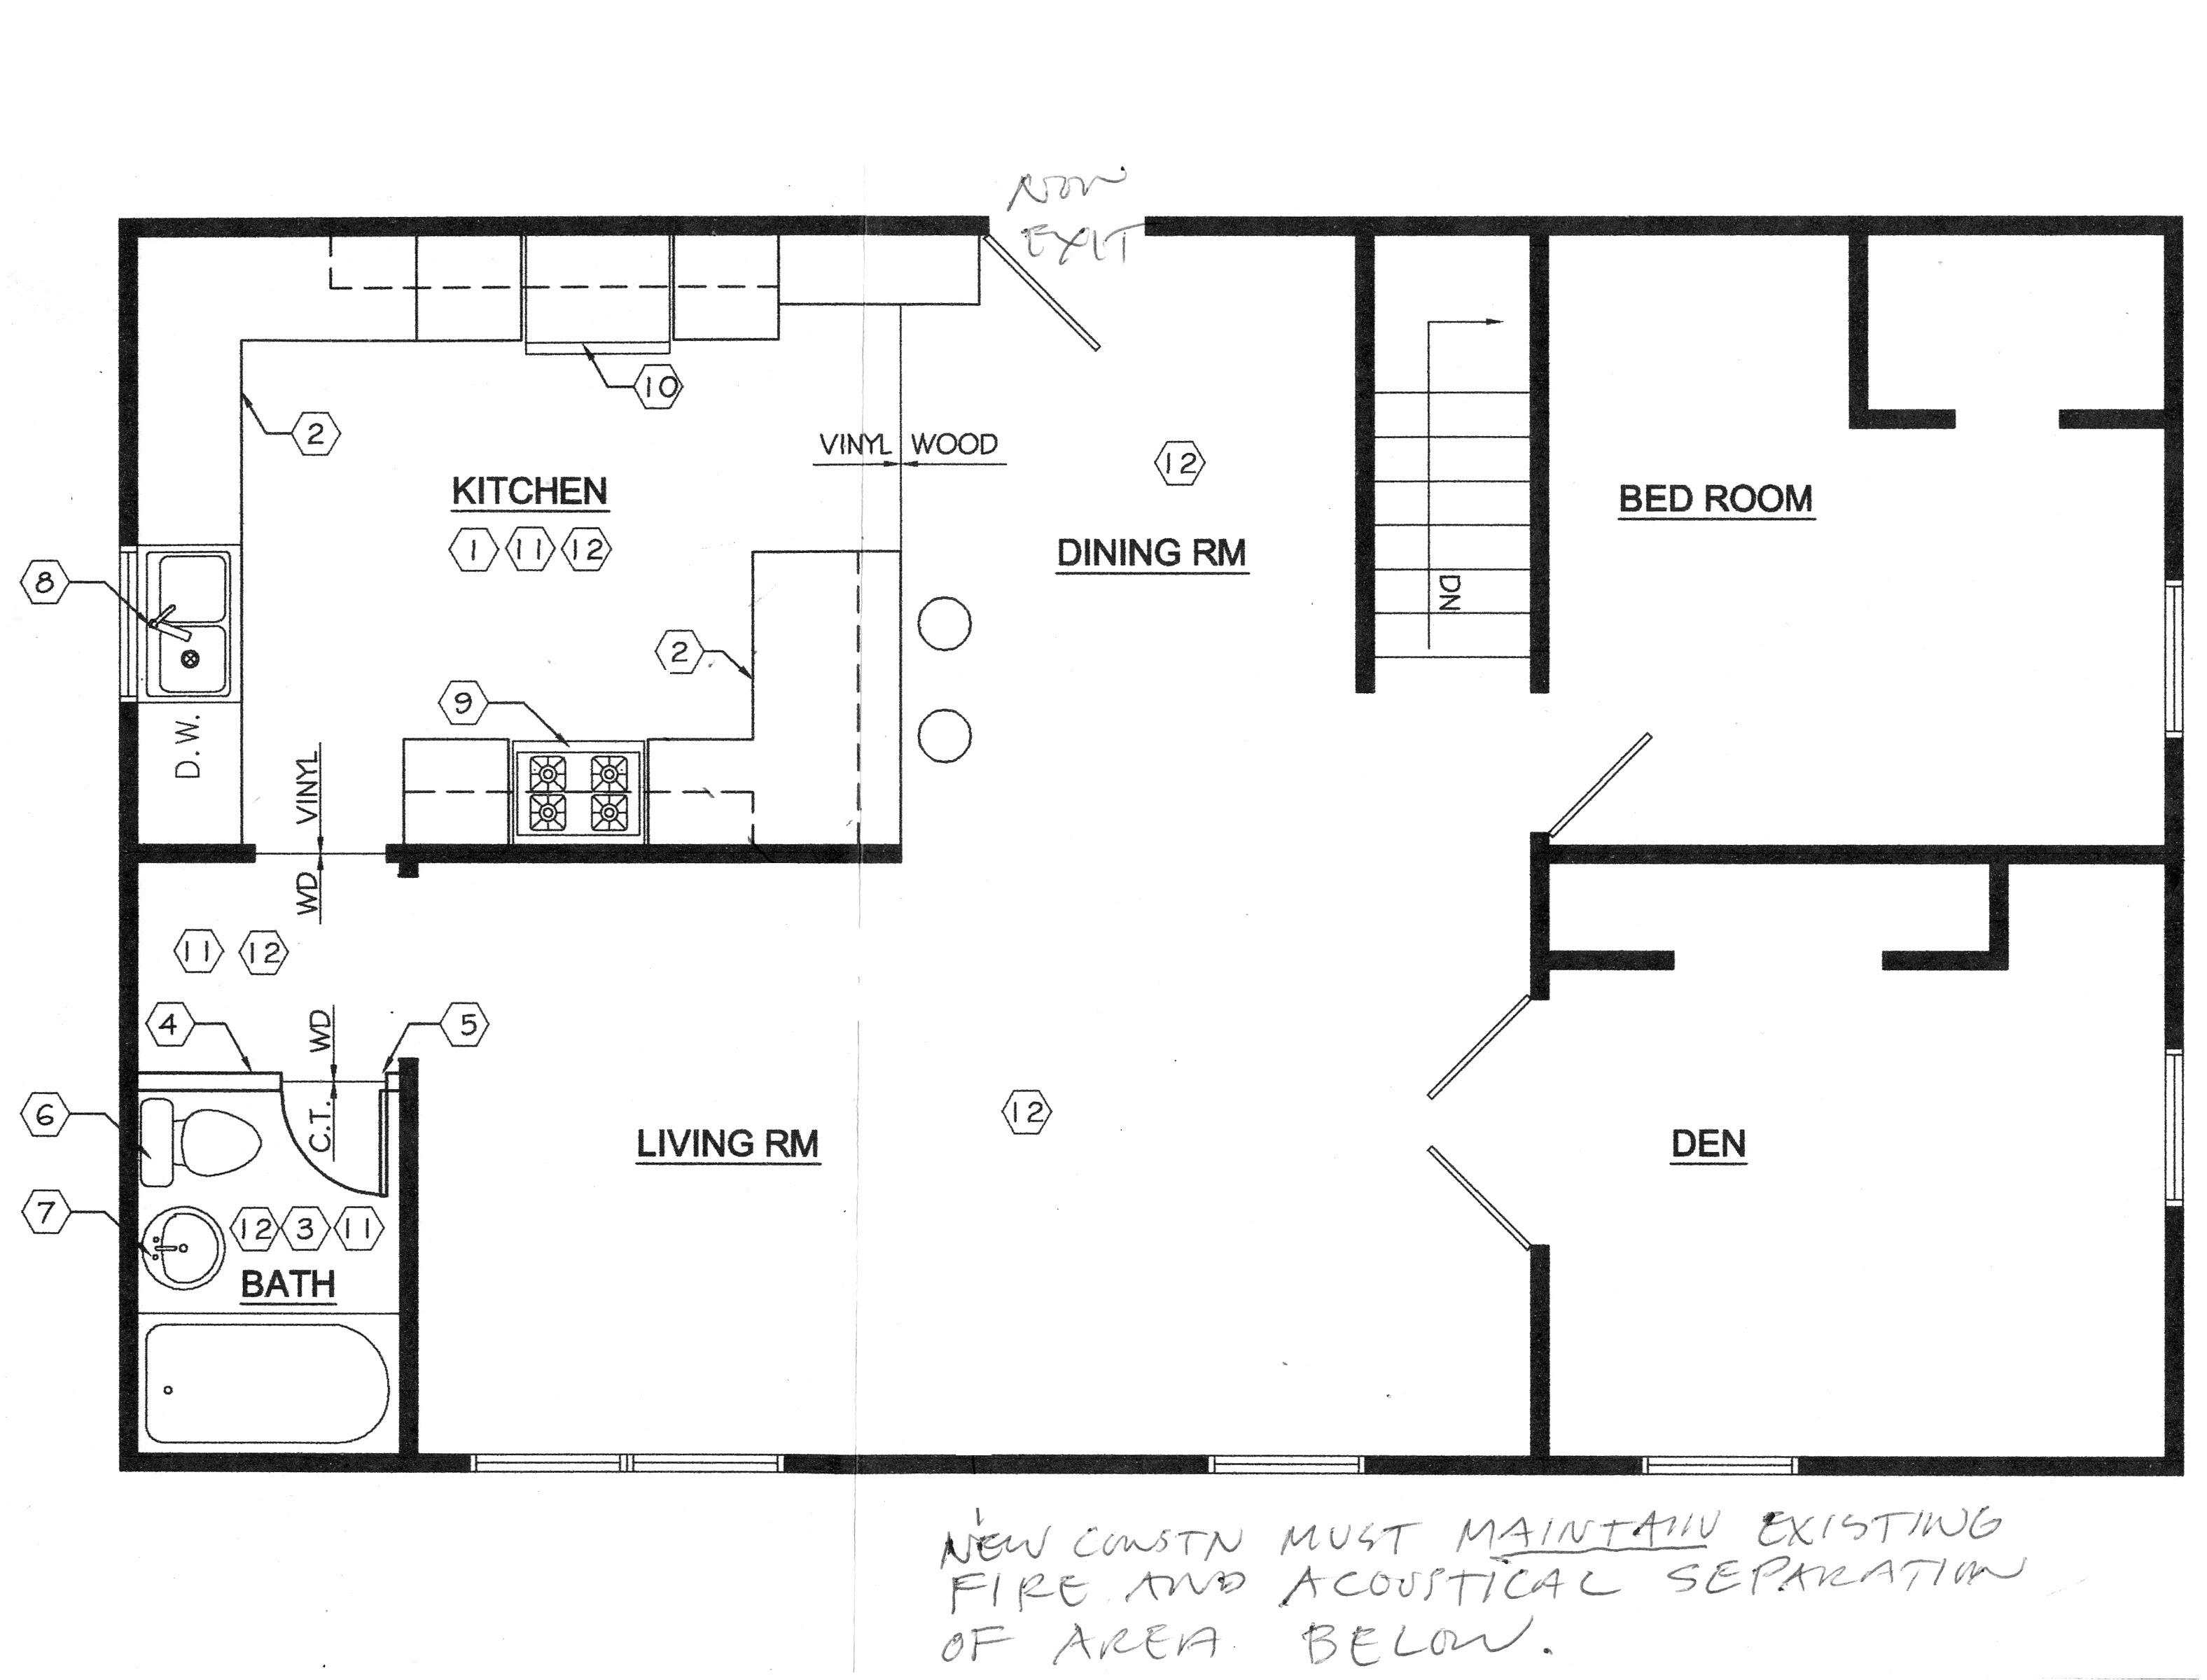 Floor Plan with Kitchen Sink